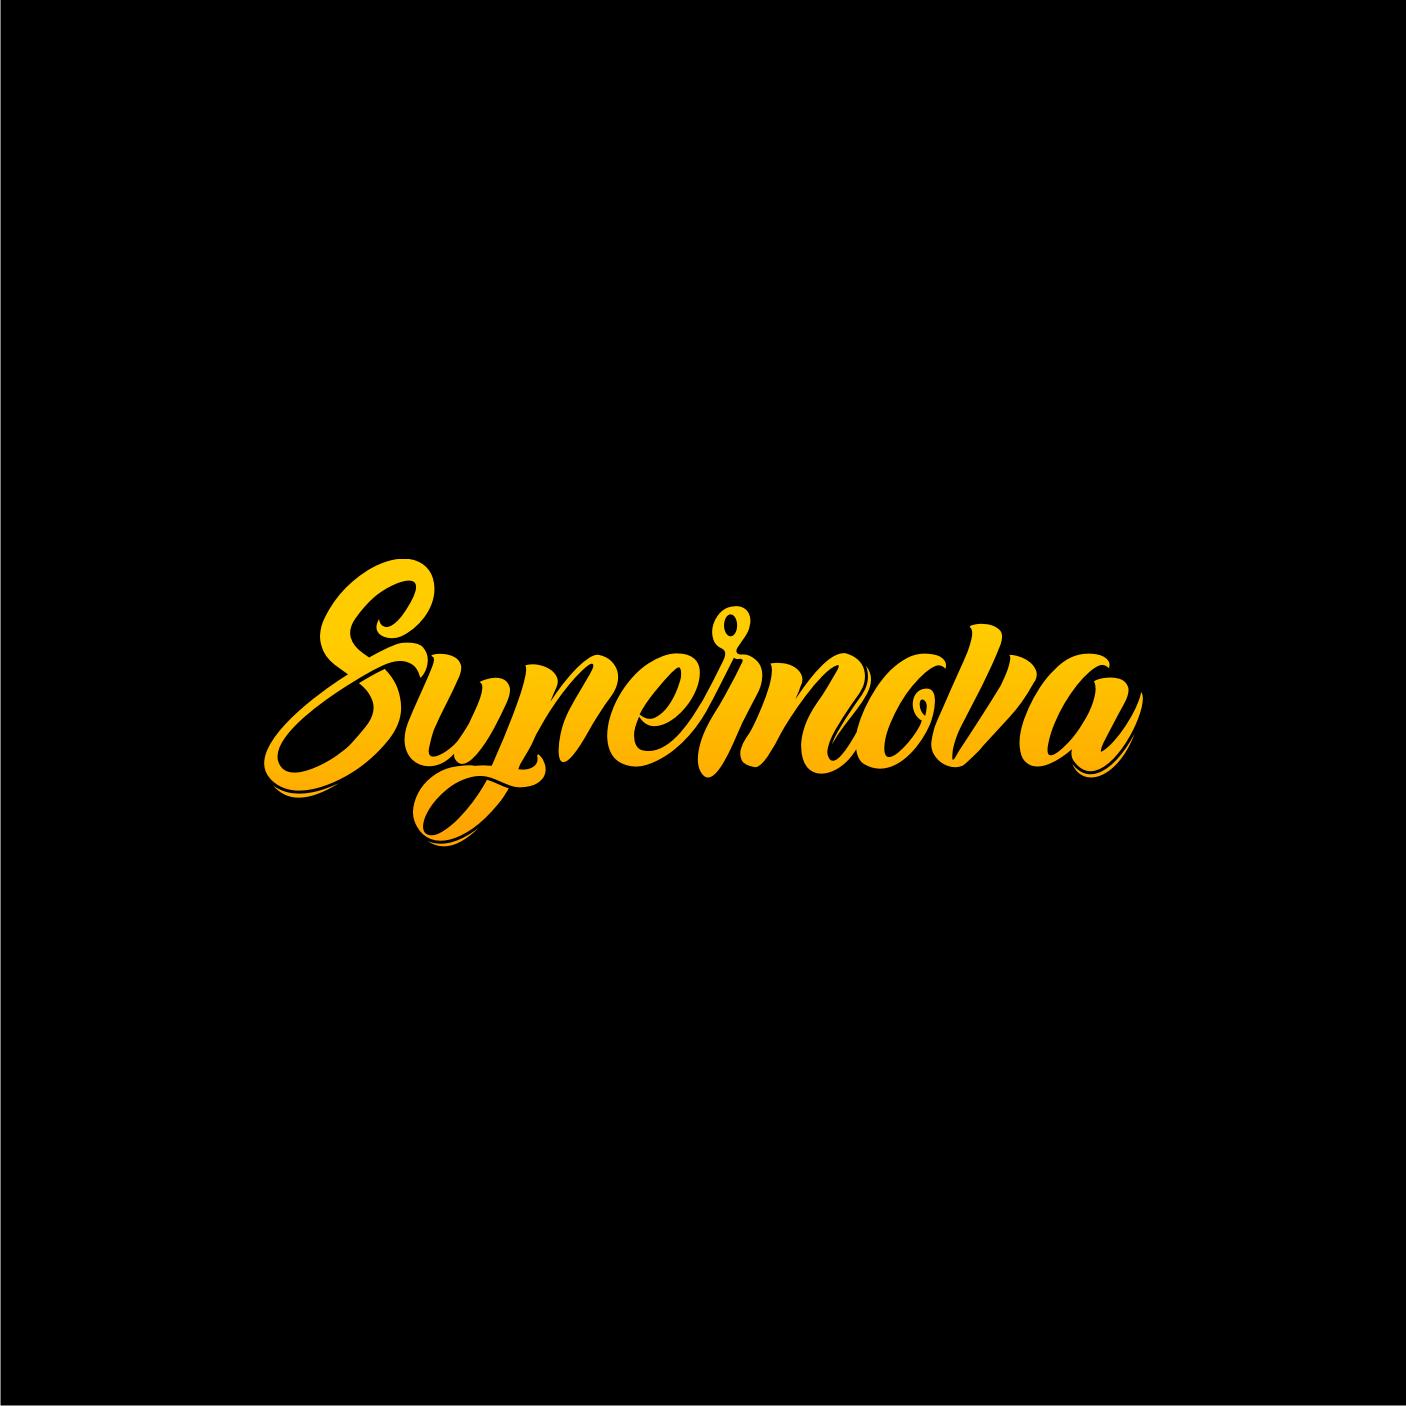 Logo Design by Analla Art - Entry No. 194 in the Logo Design Contest Creative Logo Design for Supernova.